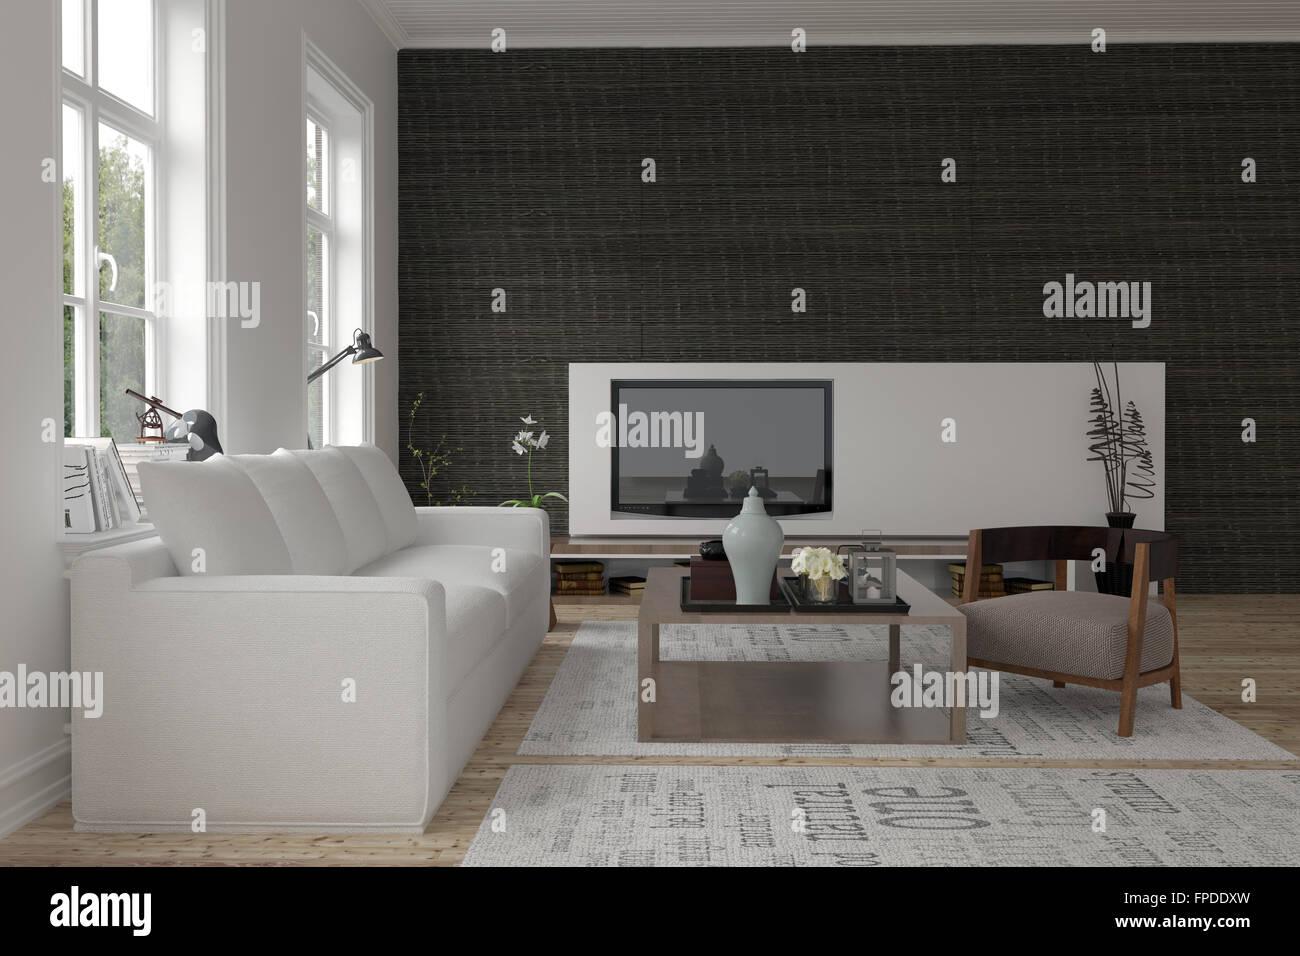 Pareti Con Foto In Bianco E Nero : Confortevole e moderno in bianco e nero salotto interno con un